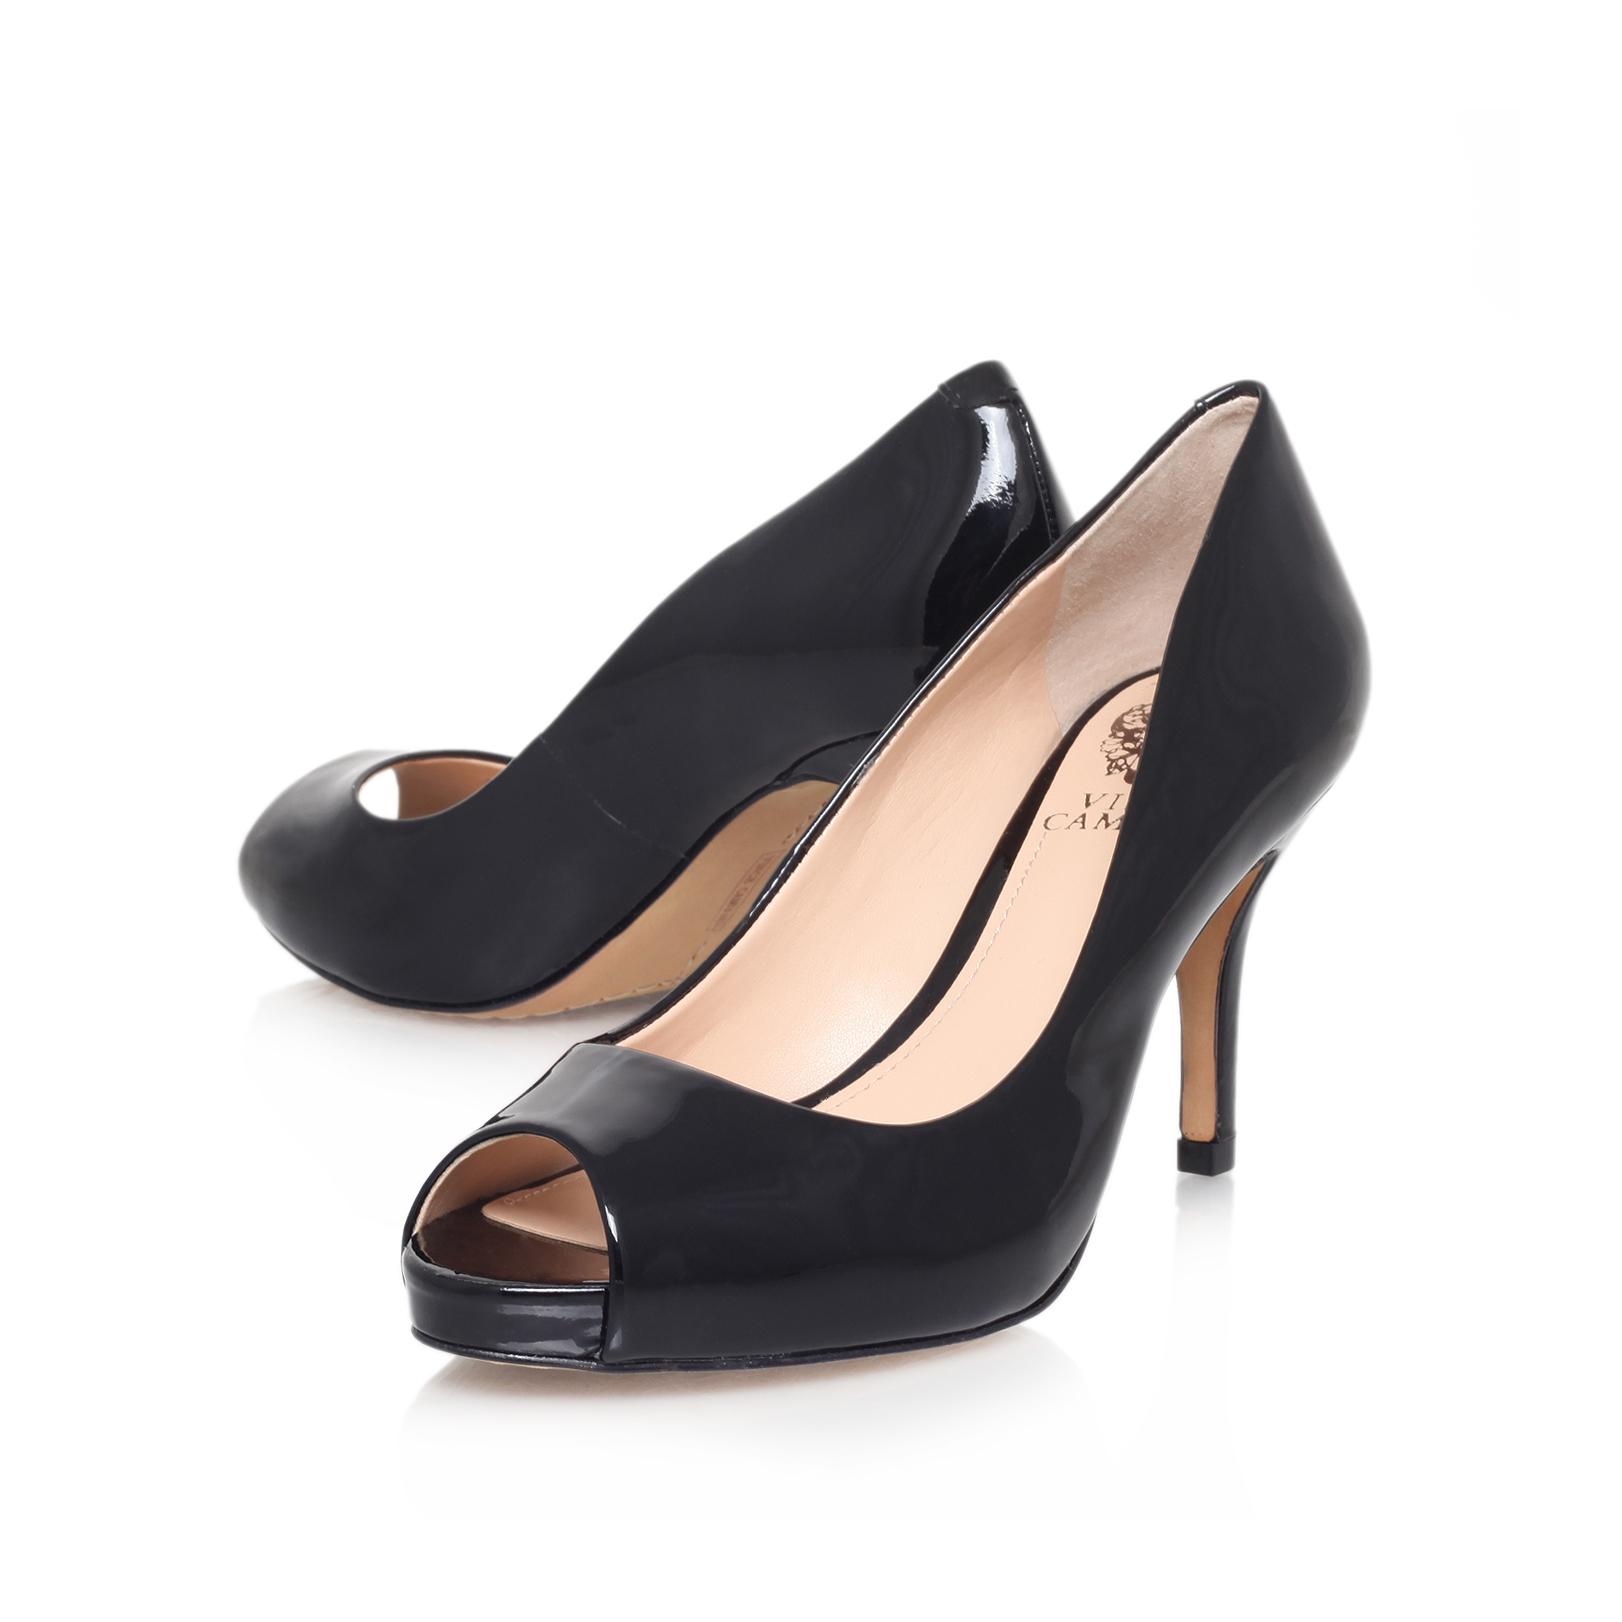 Black Mid Heel Court Shoes Uk